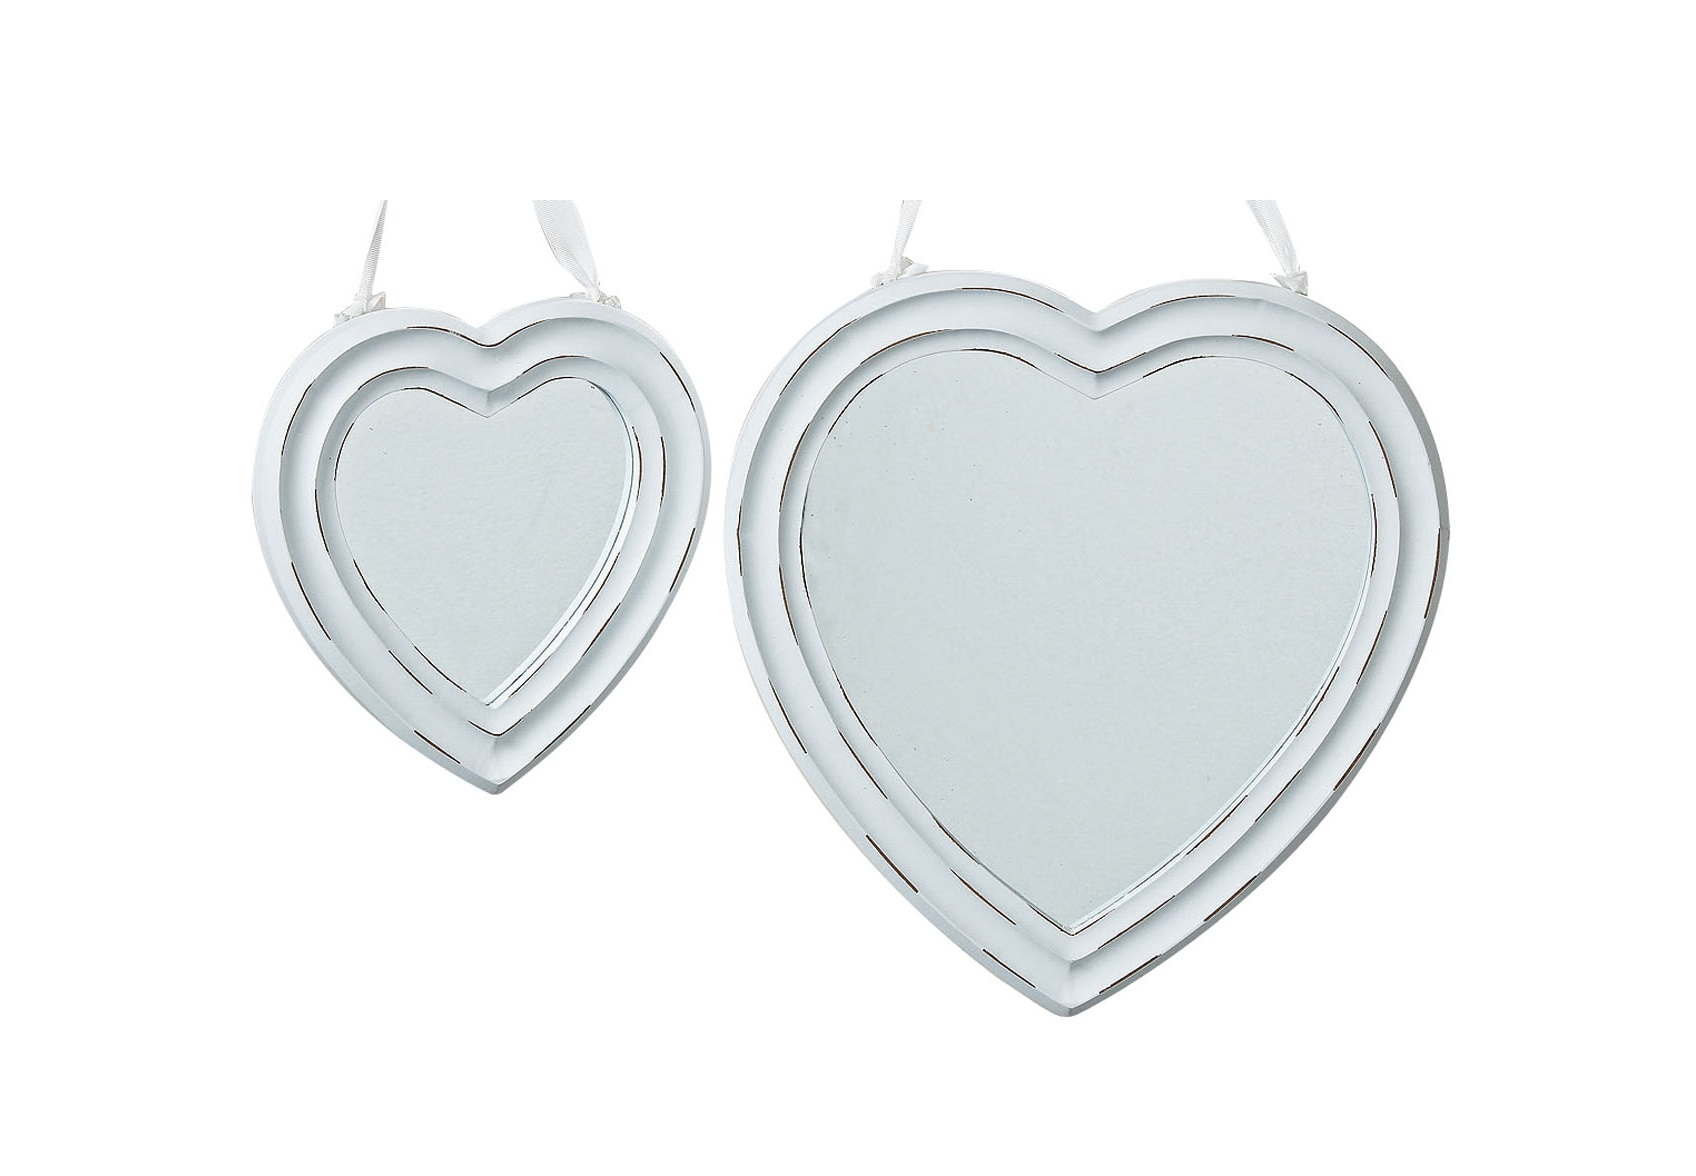 Набор зеркал Heart (2шт)Настенные зеркала<br>&amp;lt;div&amp;gt;Размеры:&amp;lt;/div&amp;gt;&amp;lt;div&amp;gt;- большое зеркало : 35x34см;&amp;lt;/div&amp;gt;&amp;lt;div&amp;gt;- маленькое зеркало: 23х22см;&amp;lt;/div&amp;gt;<br><br>Material: МДФ<br>Length см: None<br>Width см: 34<br>Depth см: None<br>Height см: 35